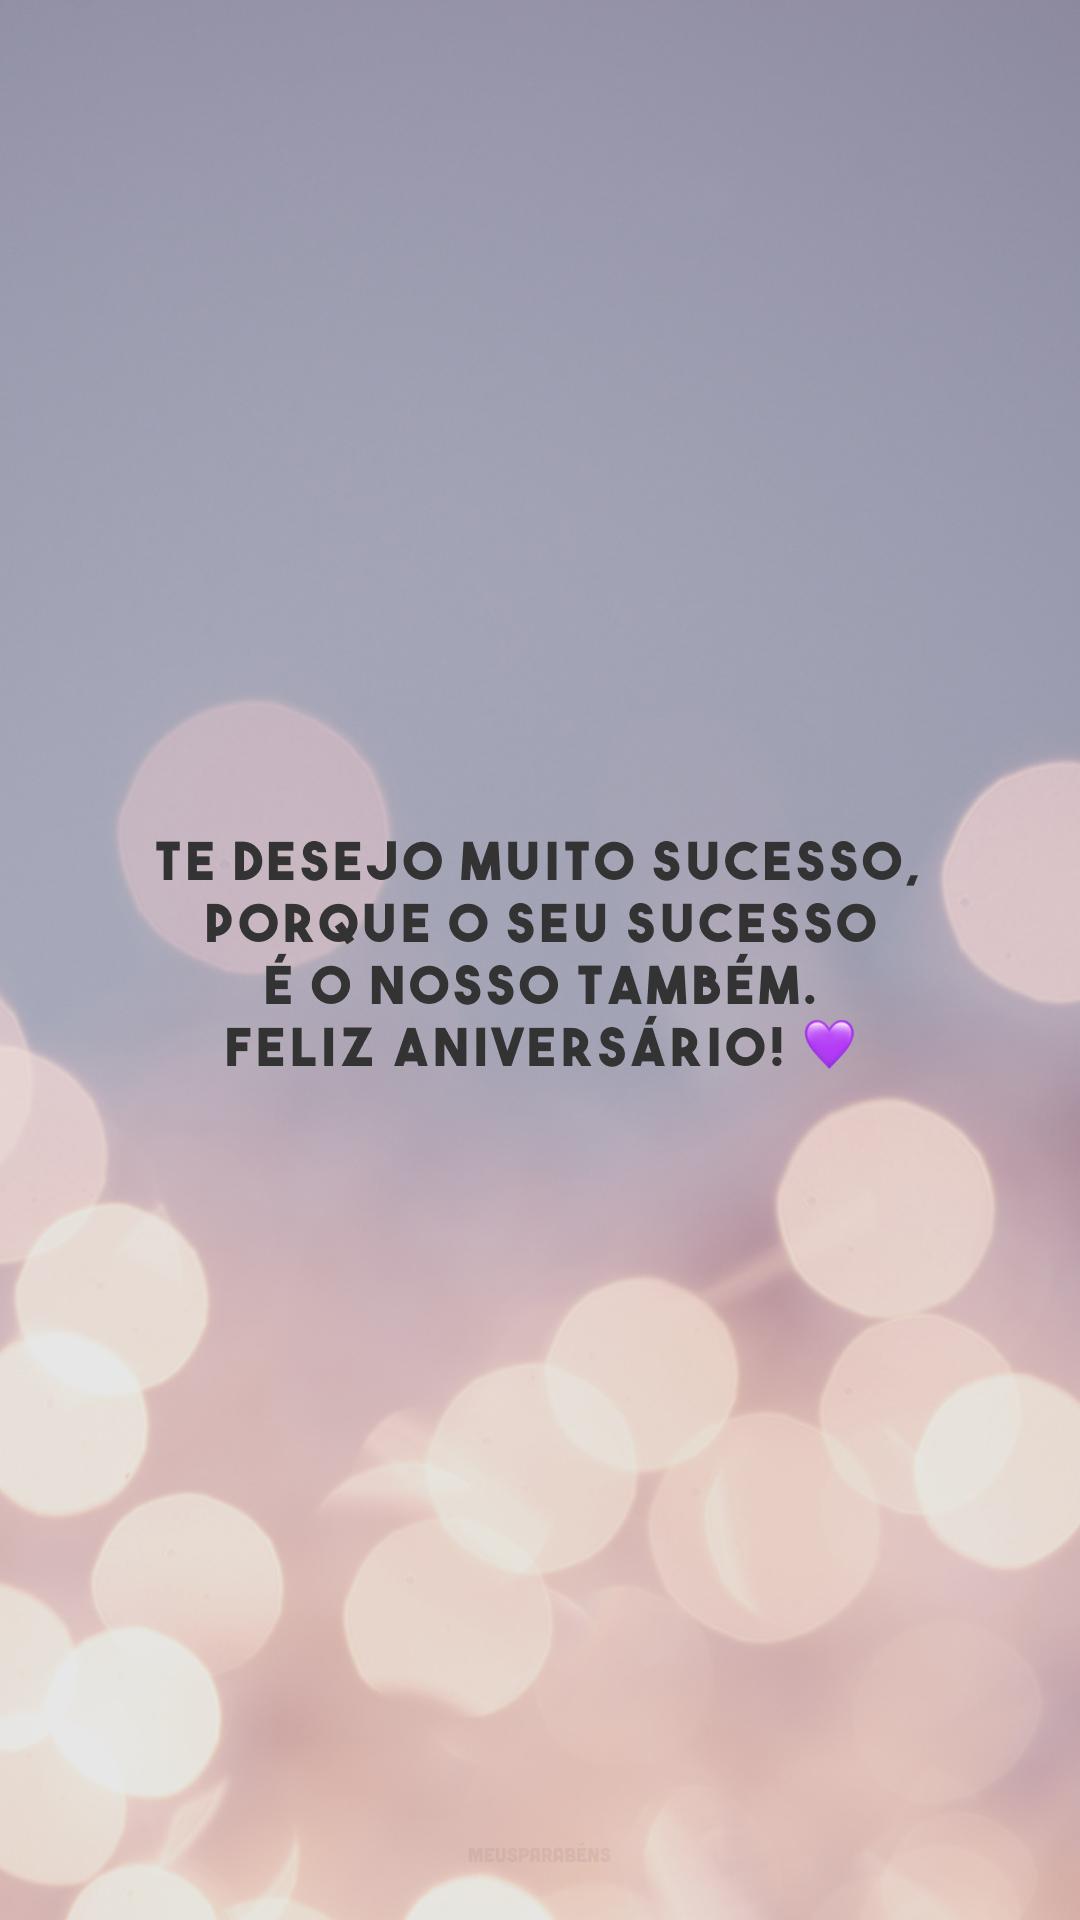 Te desejo muito sucesso, porque o seu sucesso é o nosso também. Feliz aniversário! 💜